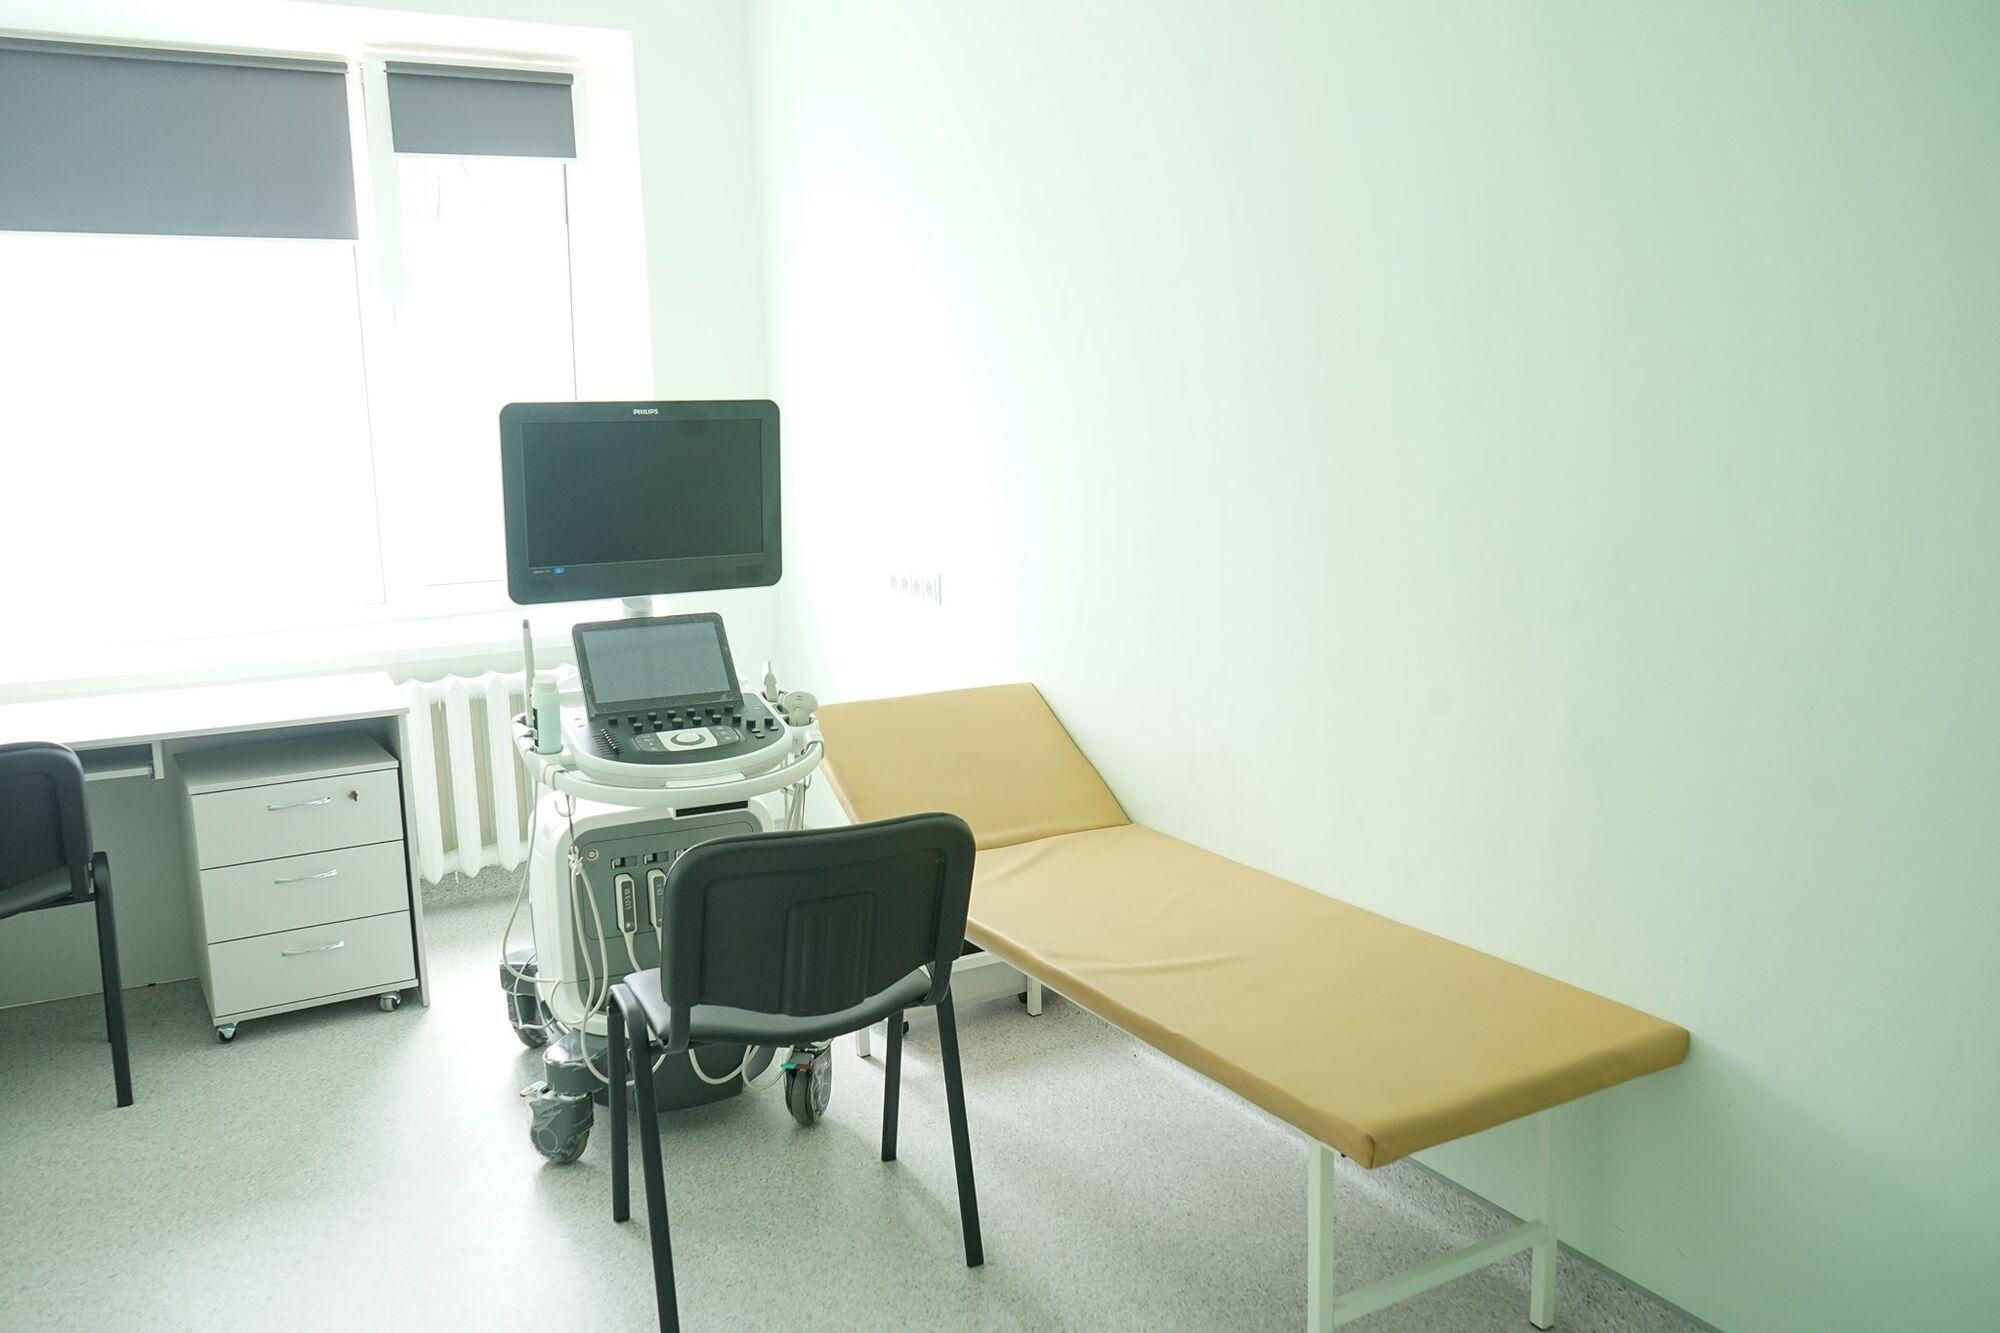 Єдиний стандарт має зробити надання послуг максимально зручним та ефективним для пацієнтів